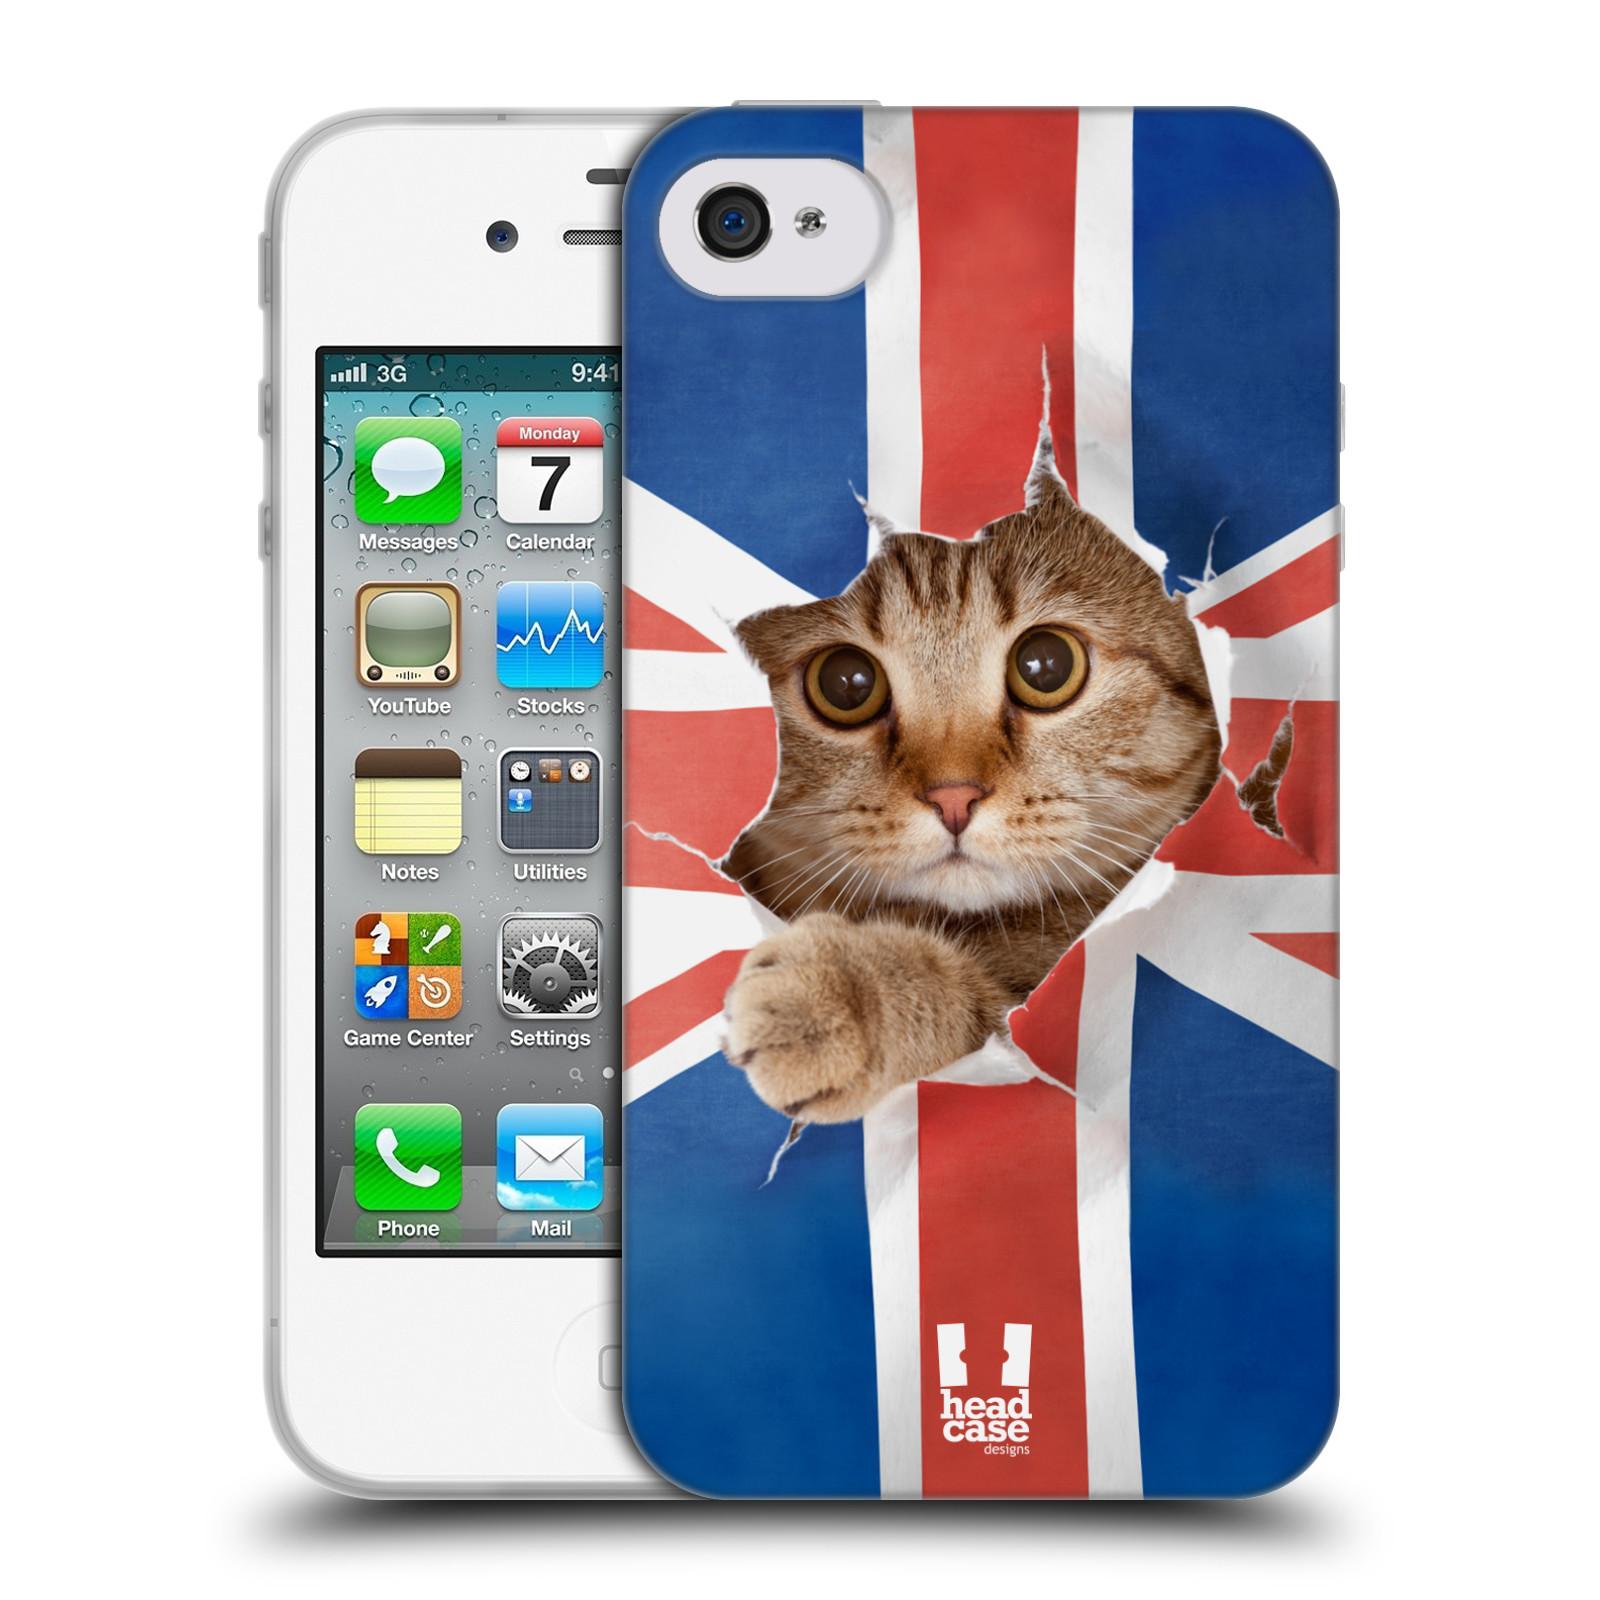 HEAD CASE silikonový obal na mobil Apple Iphone 4/4S vzor Legrační zvířátka kočička a Velká Británie vlajka